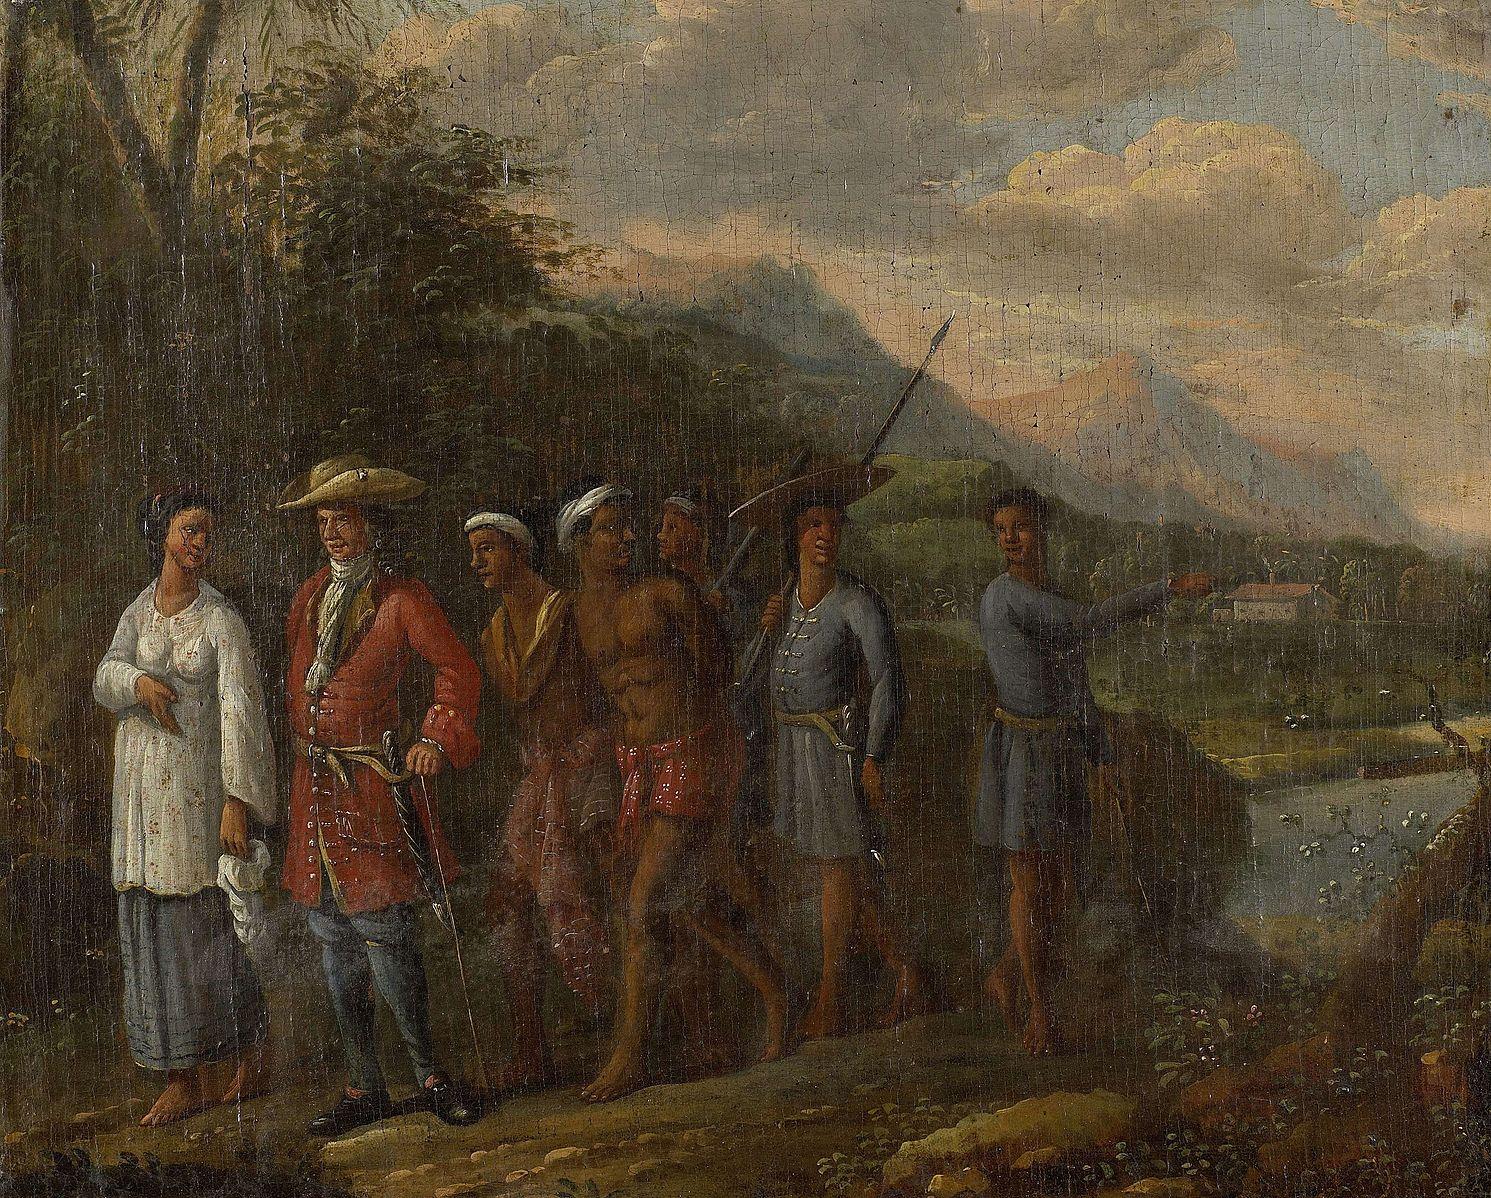 hollandse_koopman_met_slaven_in_heuvellandschap_anoniem_1700_-_1725_-_rijksmuseum.jpg